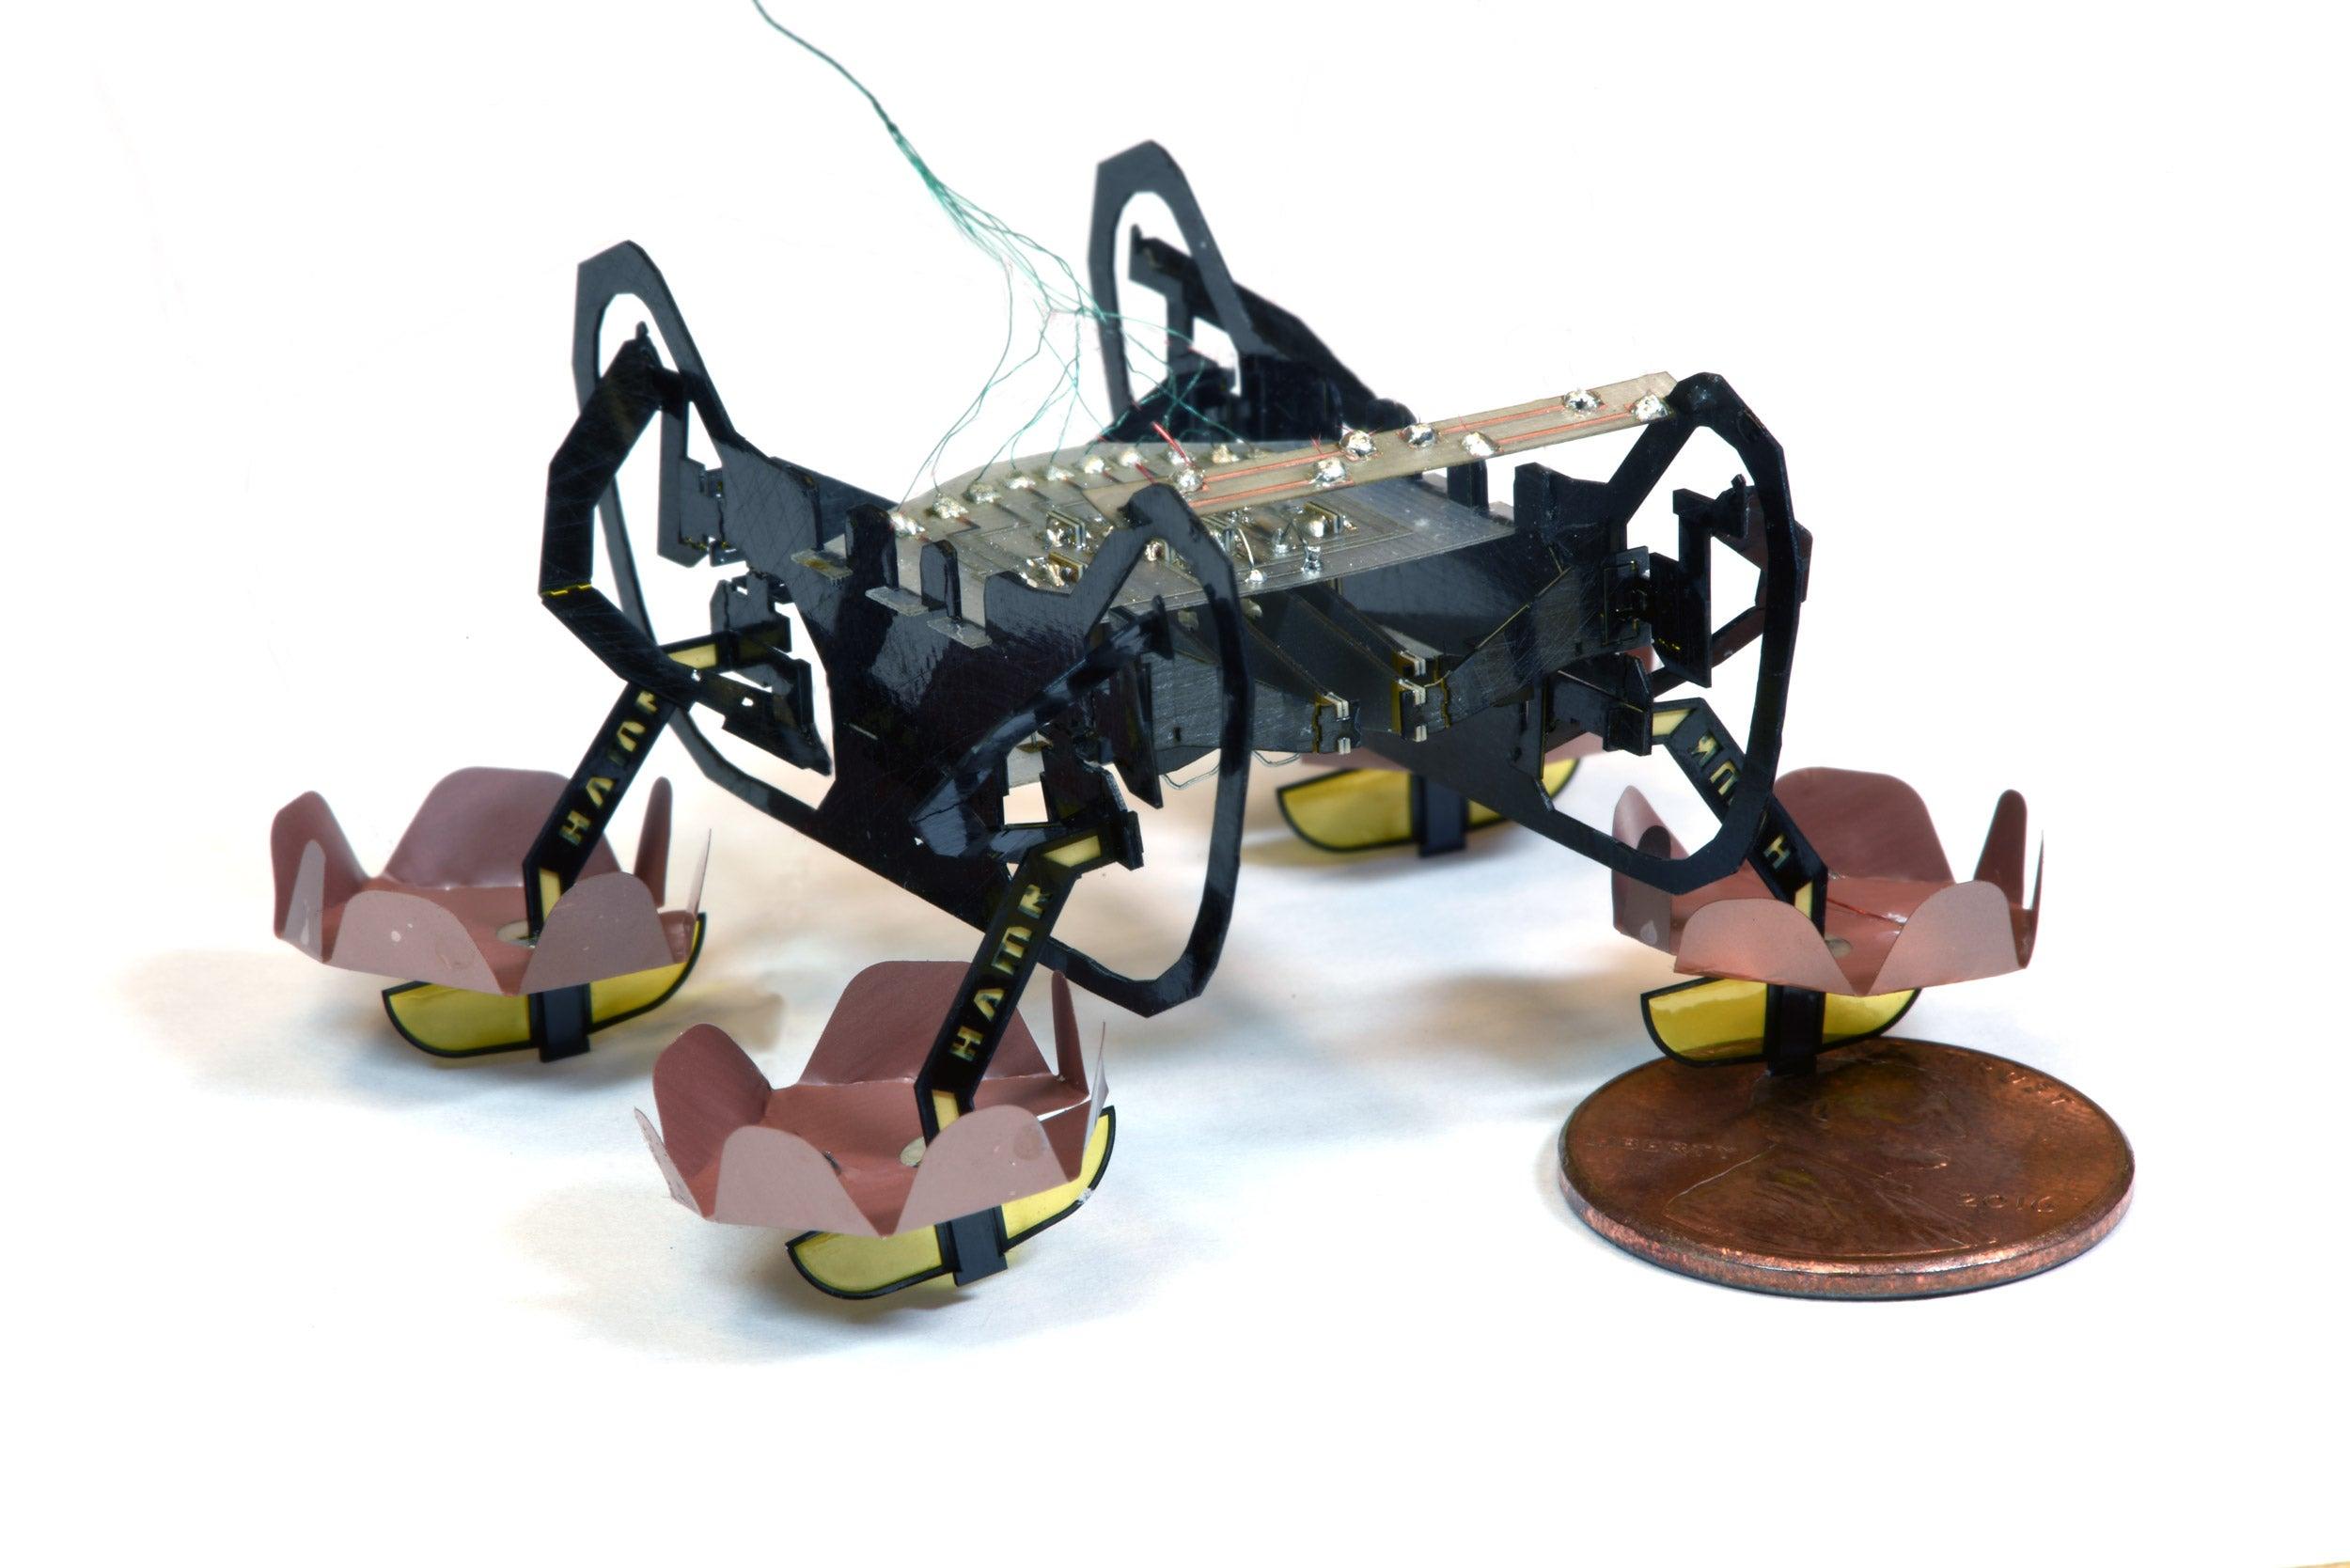 Harvard's Ambulatory Microrobot.